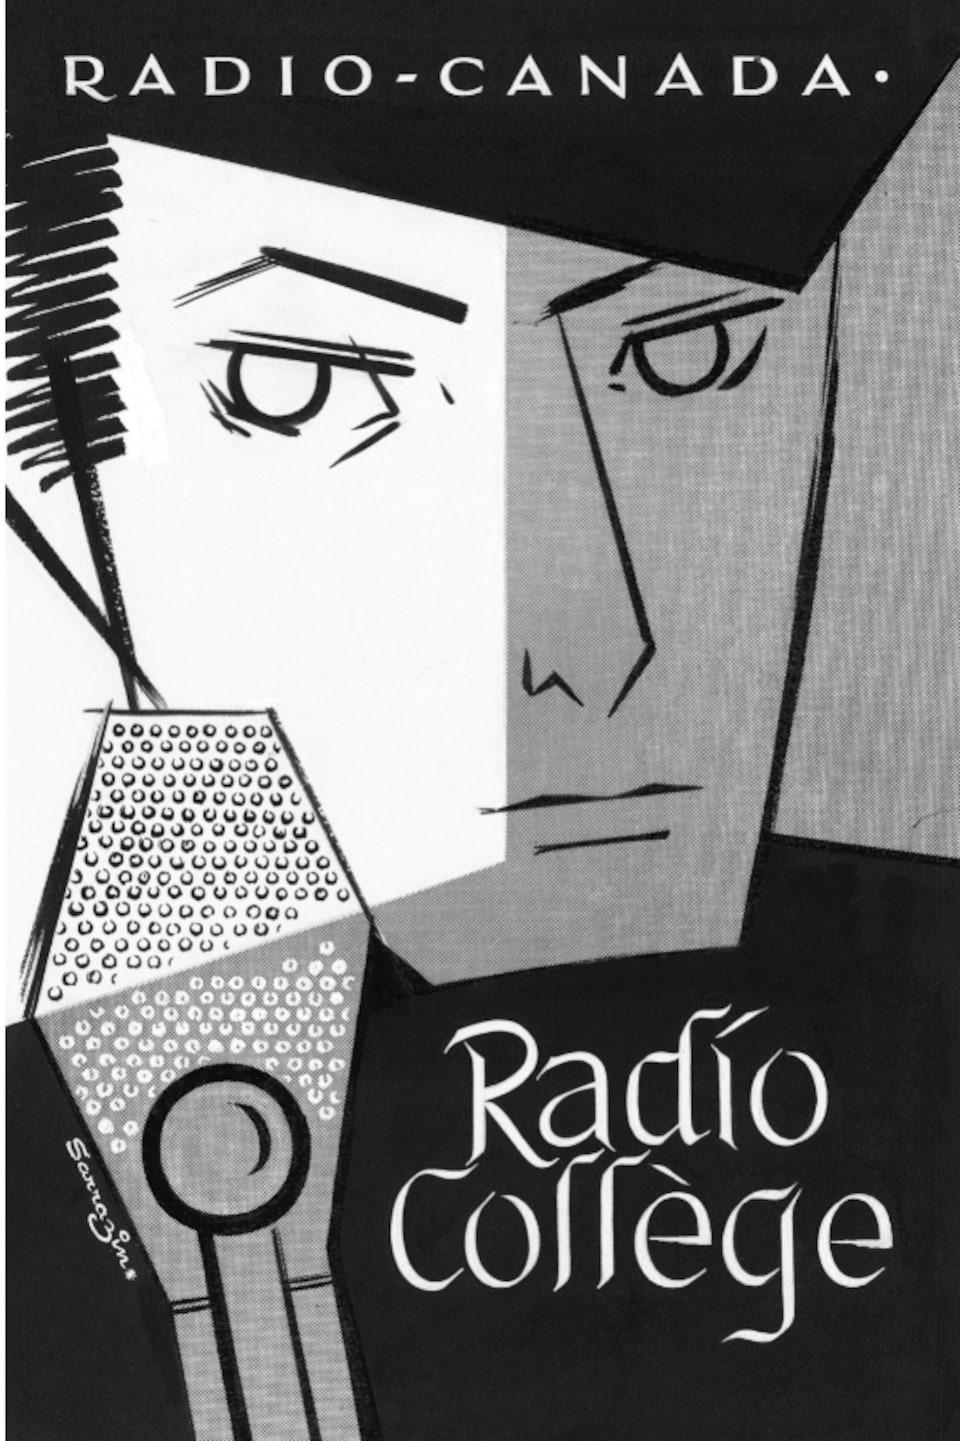 Affiche publicitaire dessin d'un homme derrière un micro, inscription Radio-Collège écrit dans le bas de l'affiche.